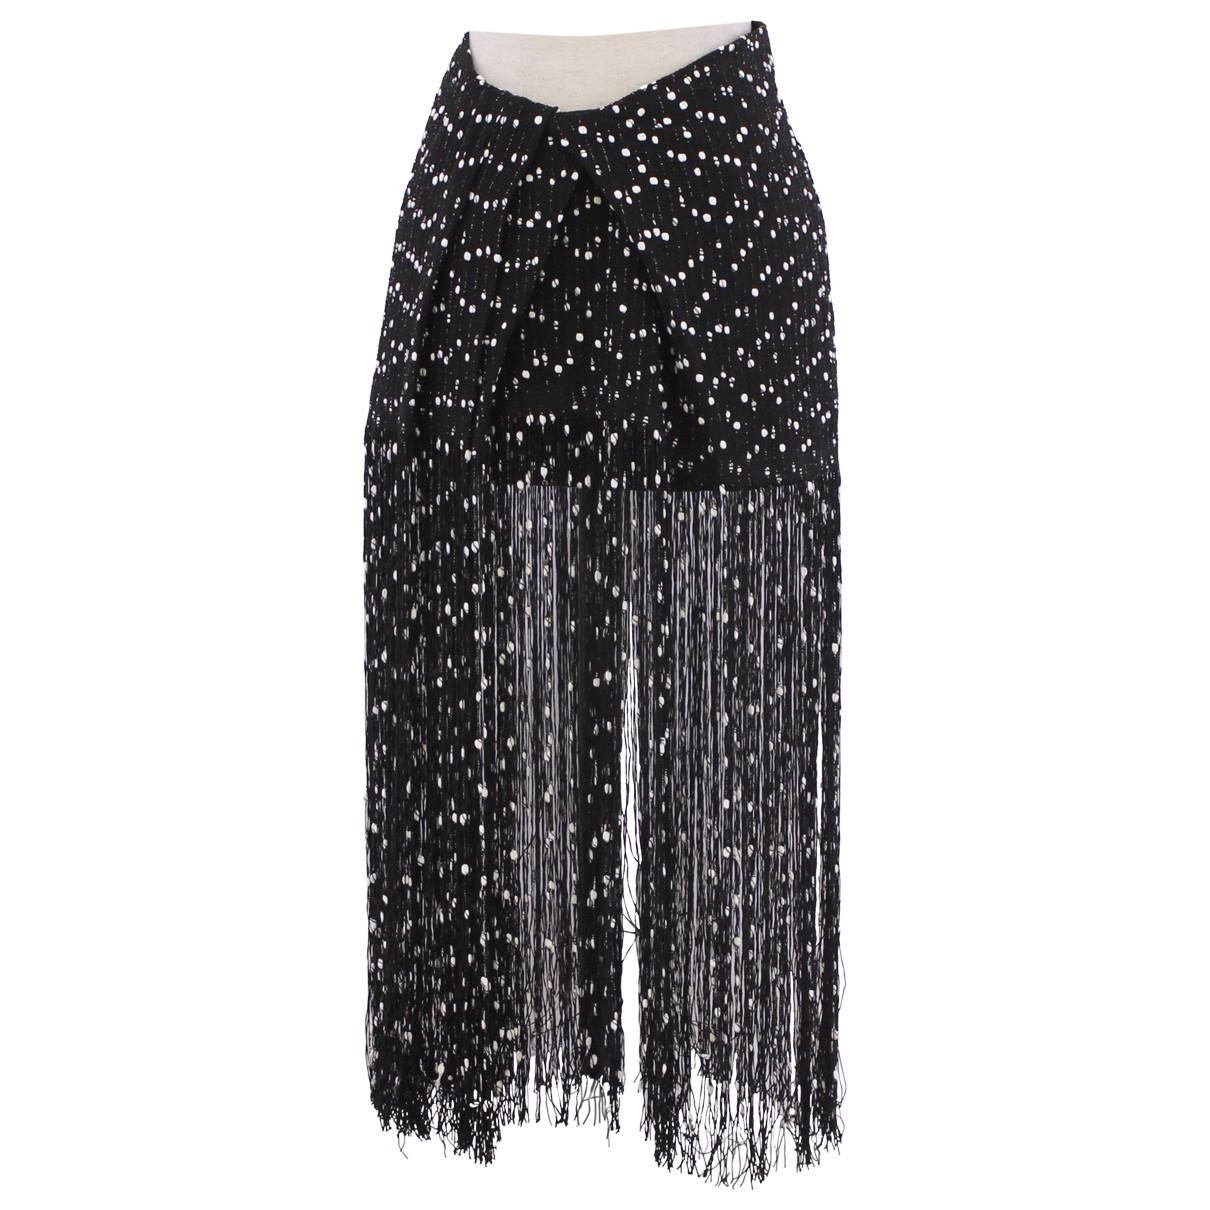 Jacquemus La Riviera Black Cotton skirt for Women 36 FR